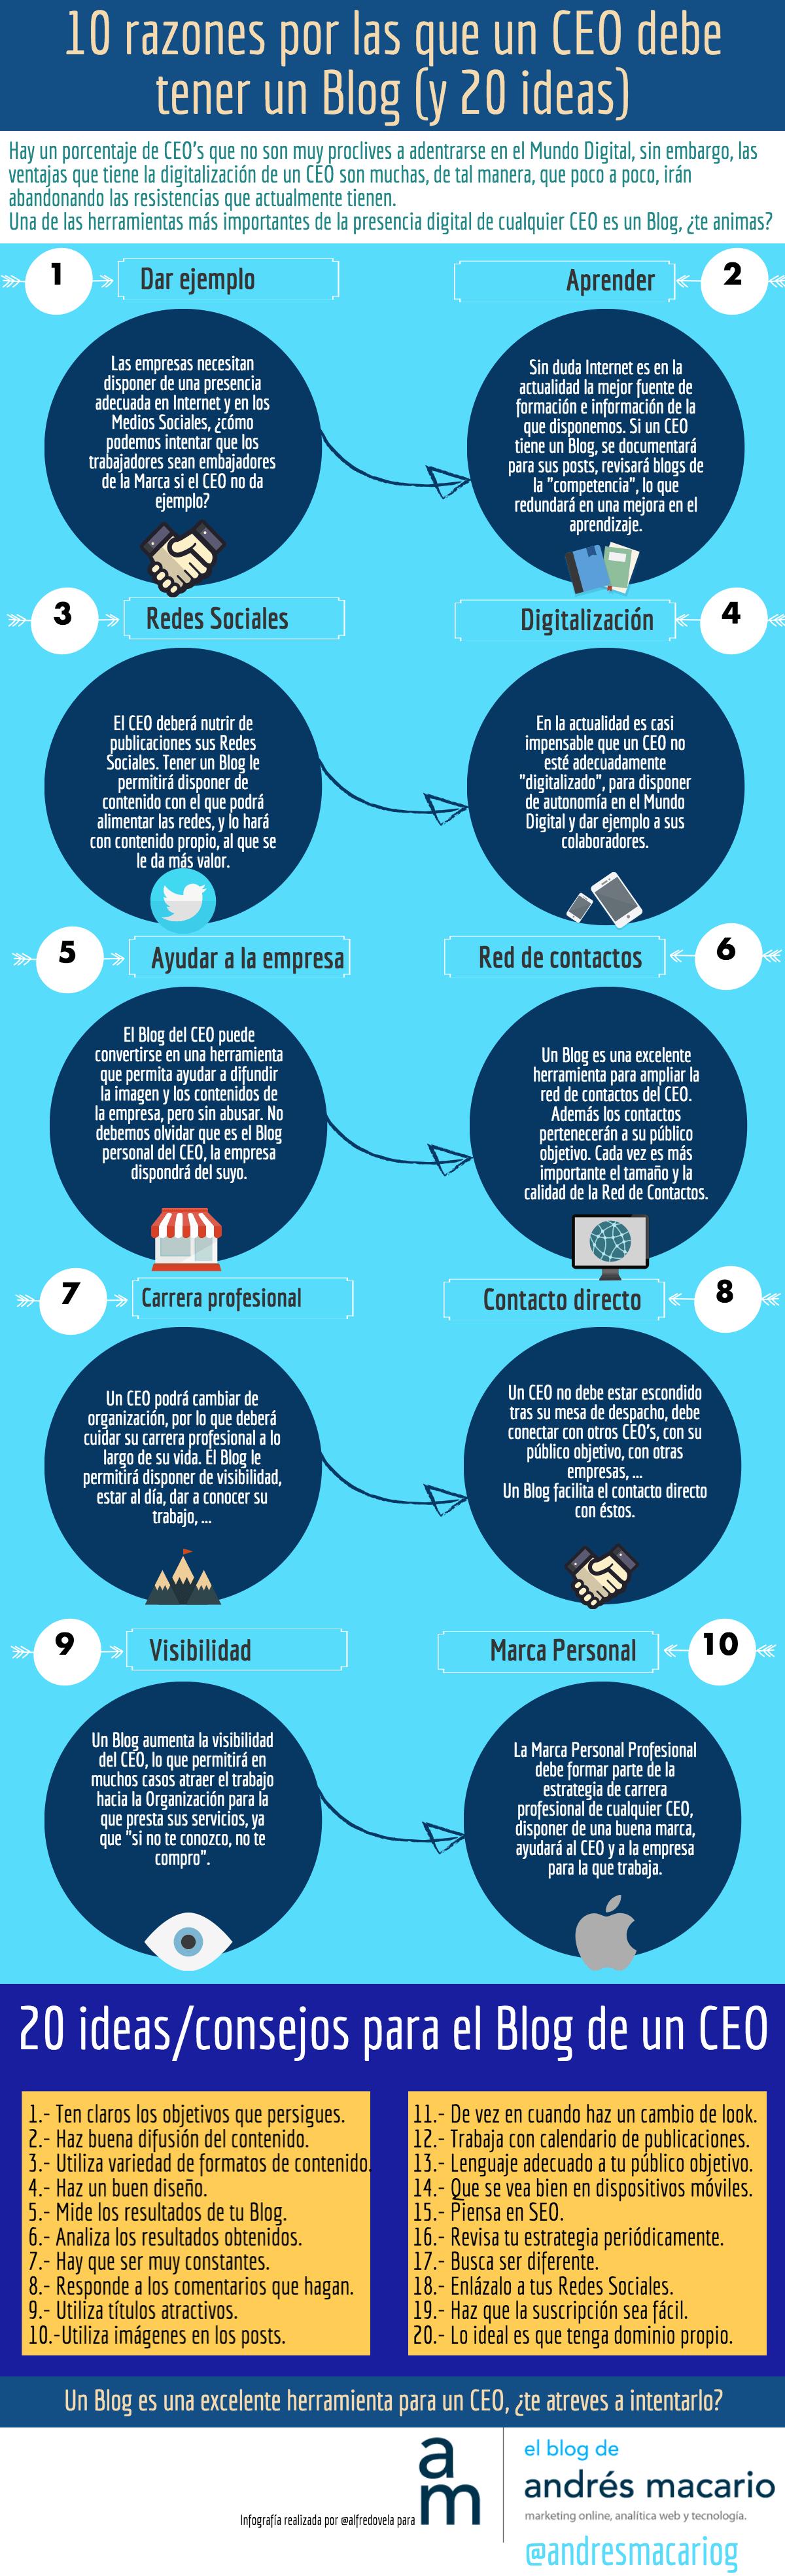 Infografia.AndresMacario.BlogCEO-4